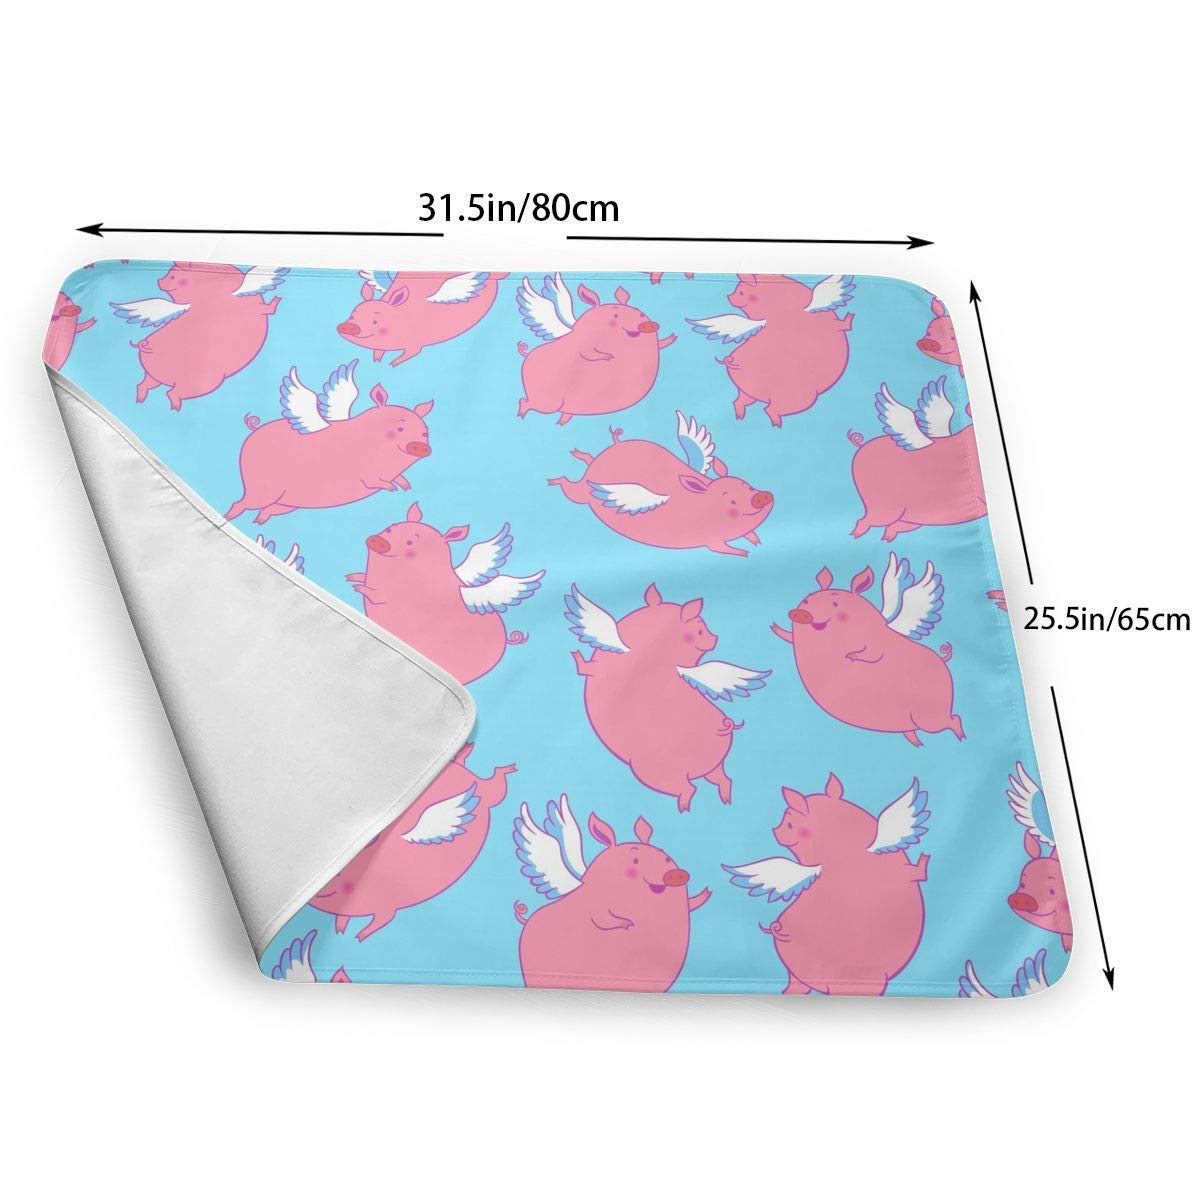 gro/ß 25,5 x 80 cm Wickelunterlage f/ür Jungen und M/ädchen wasserdicht Lustige Wickelunterlage mit fliegendem Schweinchen weich f/ür Neugeborene